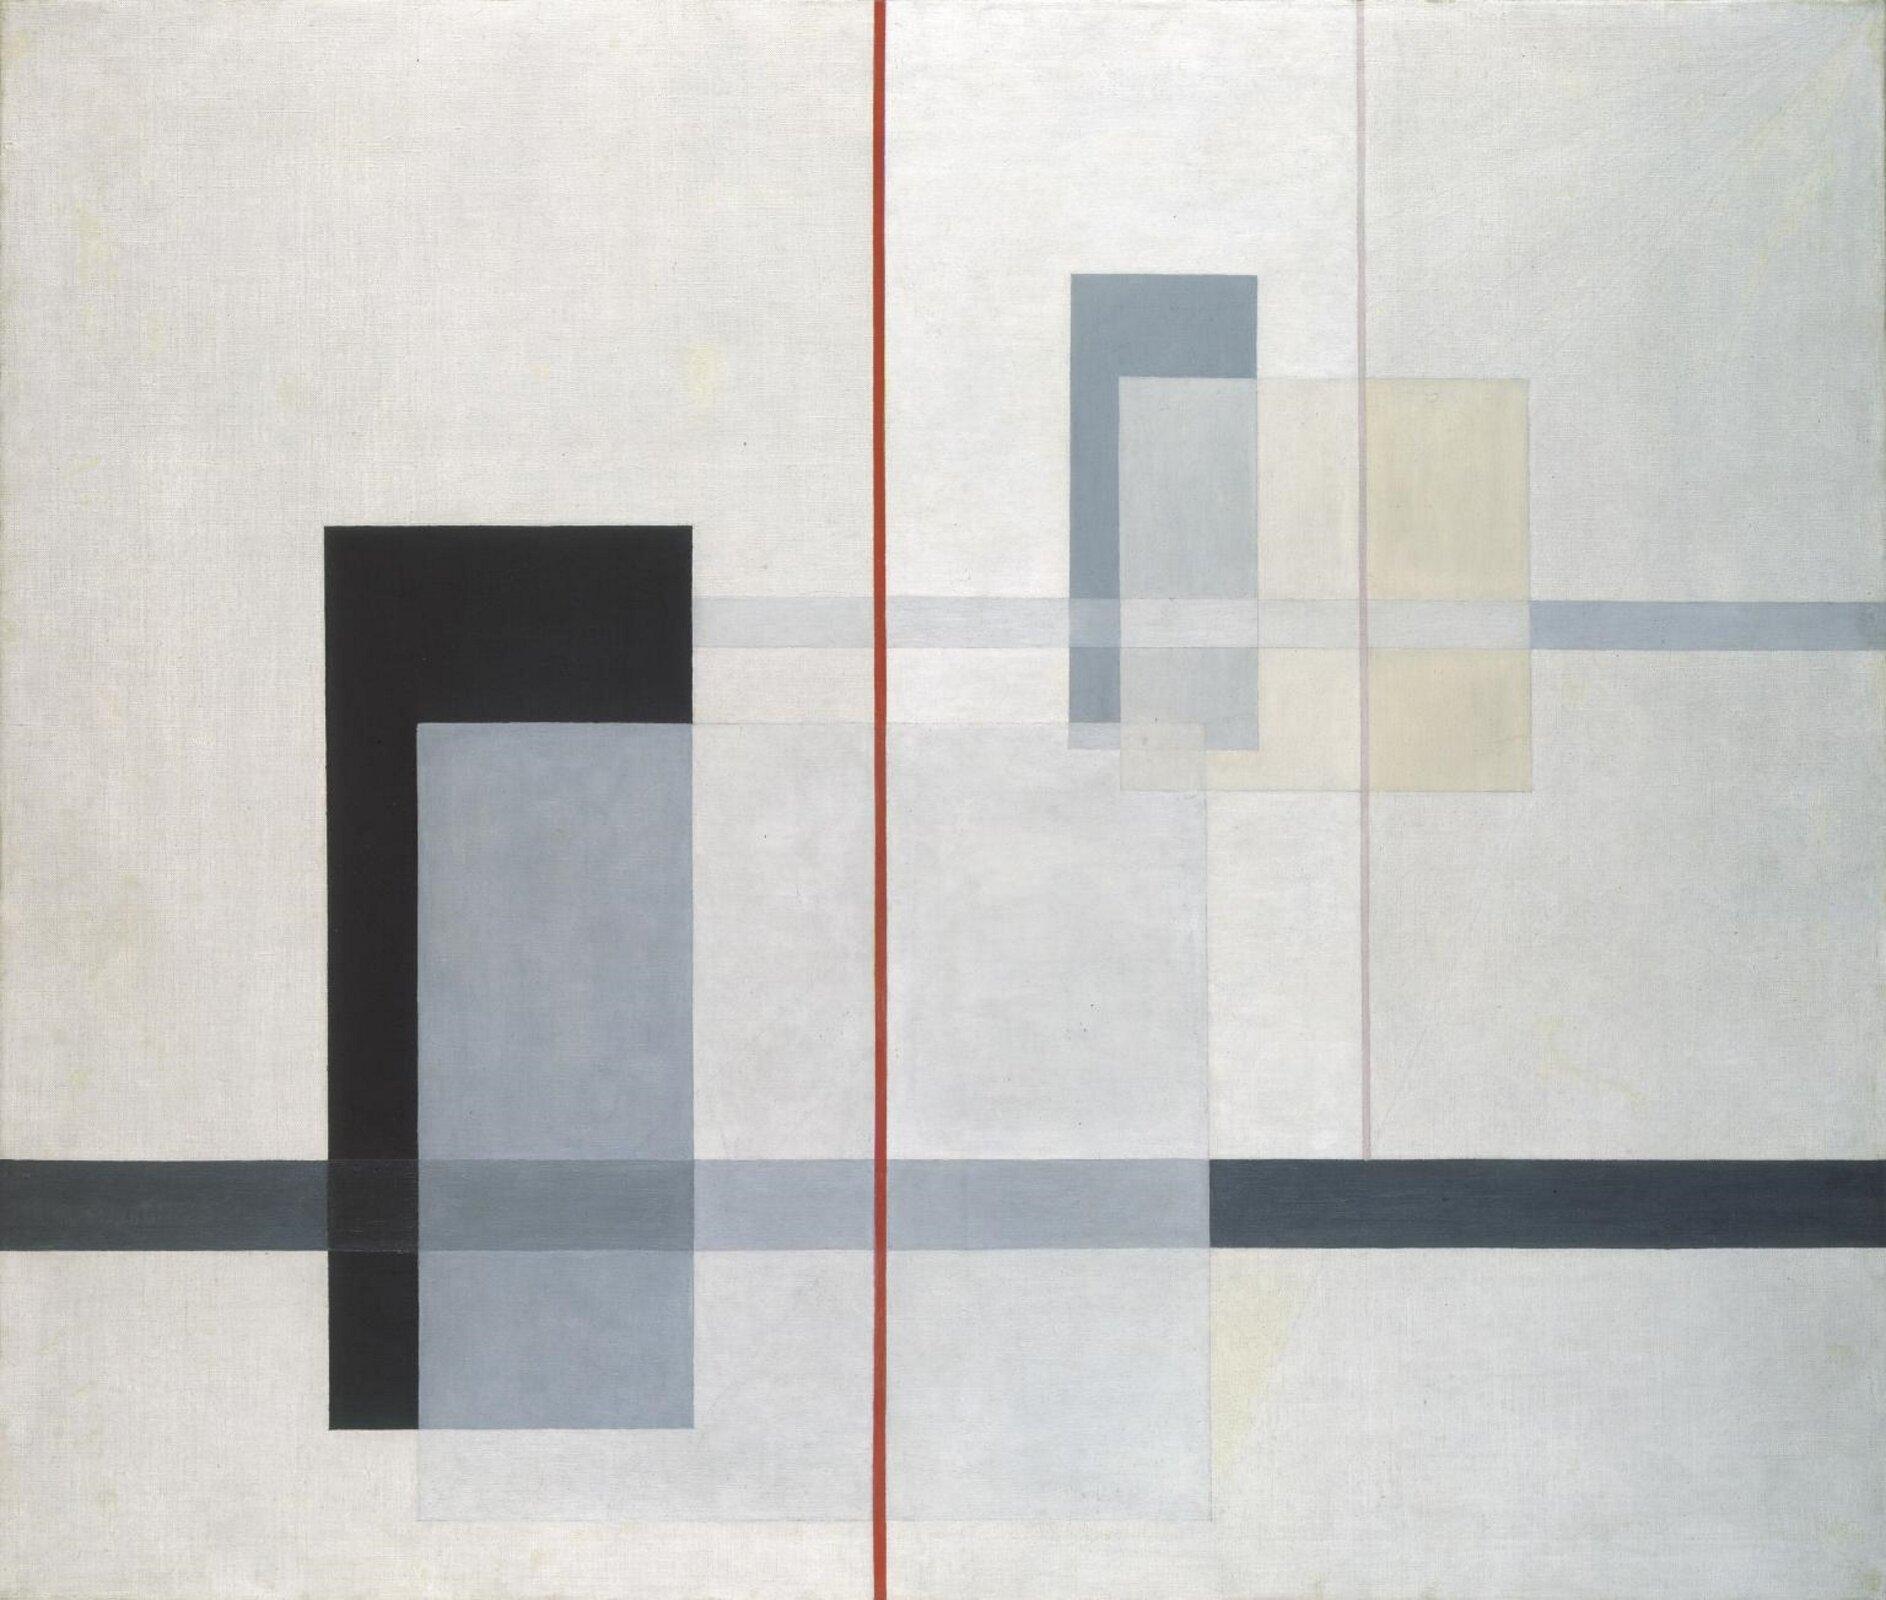 """Ilustracja przedstawia obraz László Moholy-Nagy'ego pt. """"K VII"""". Ukazuje on różne, kolorowe geometryczne kształty. Na środku obrazu znajduje się charakterystyczna czerwona linia."""